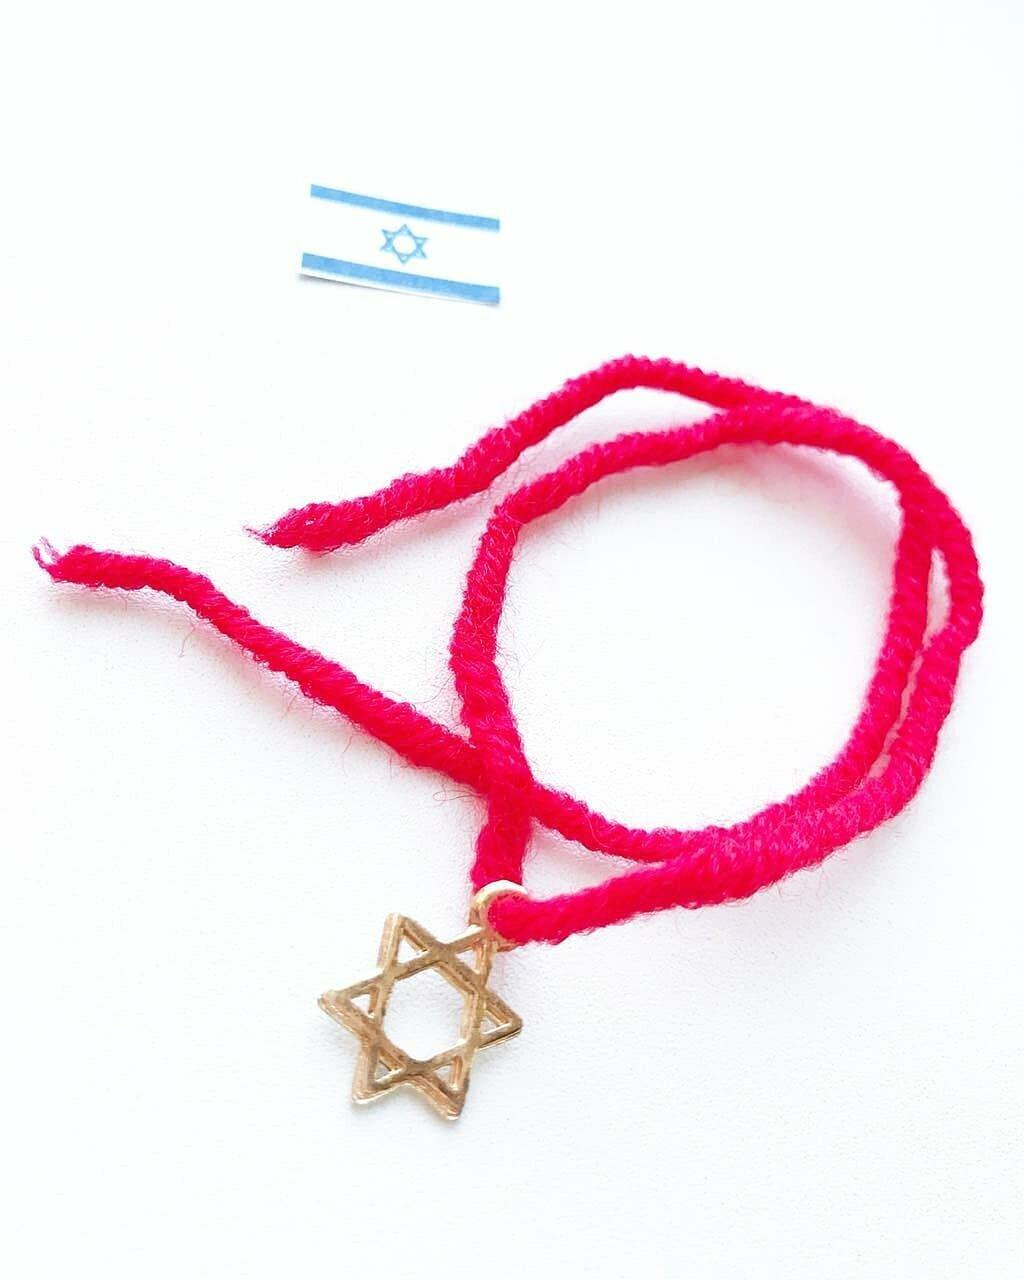 Красная нить от сглаза из Иерусалима в Долгопрудном